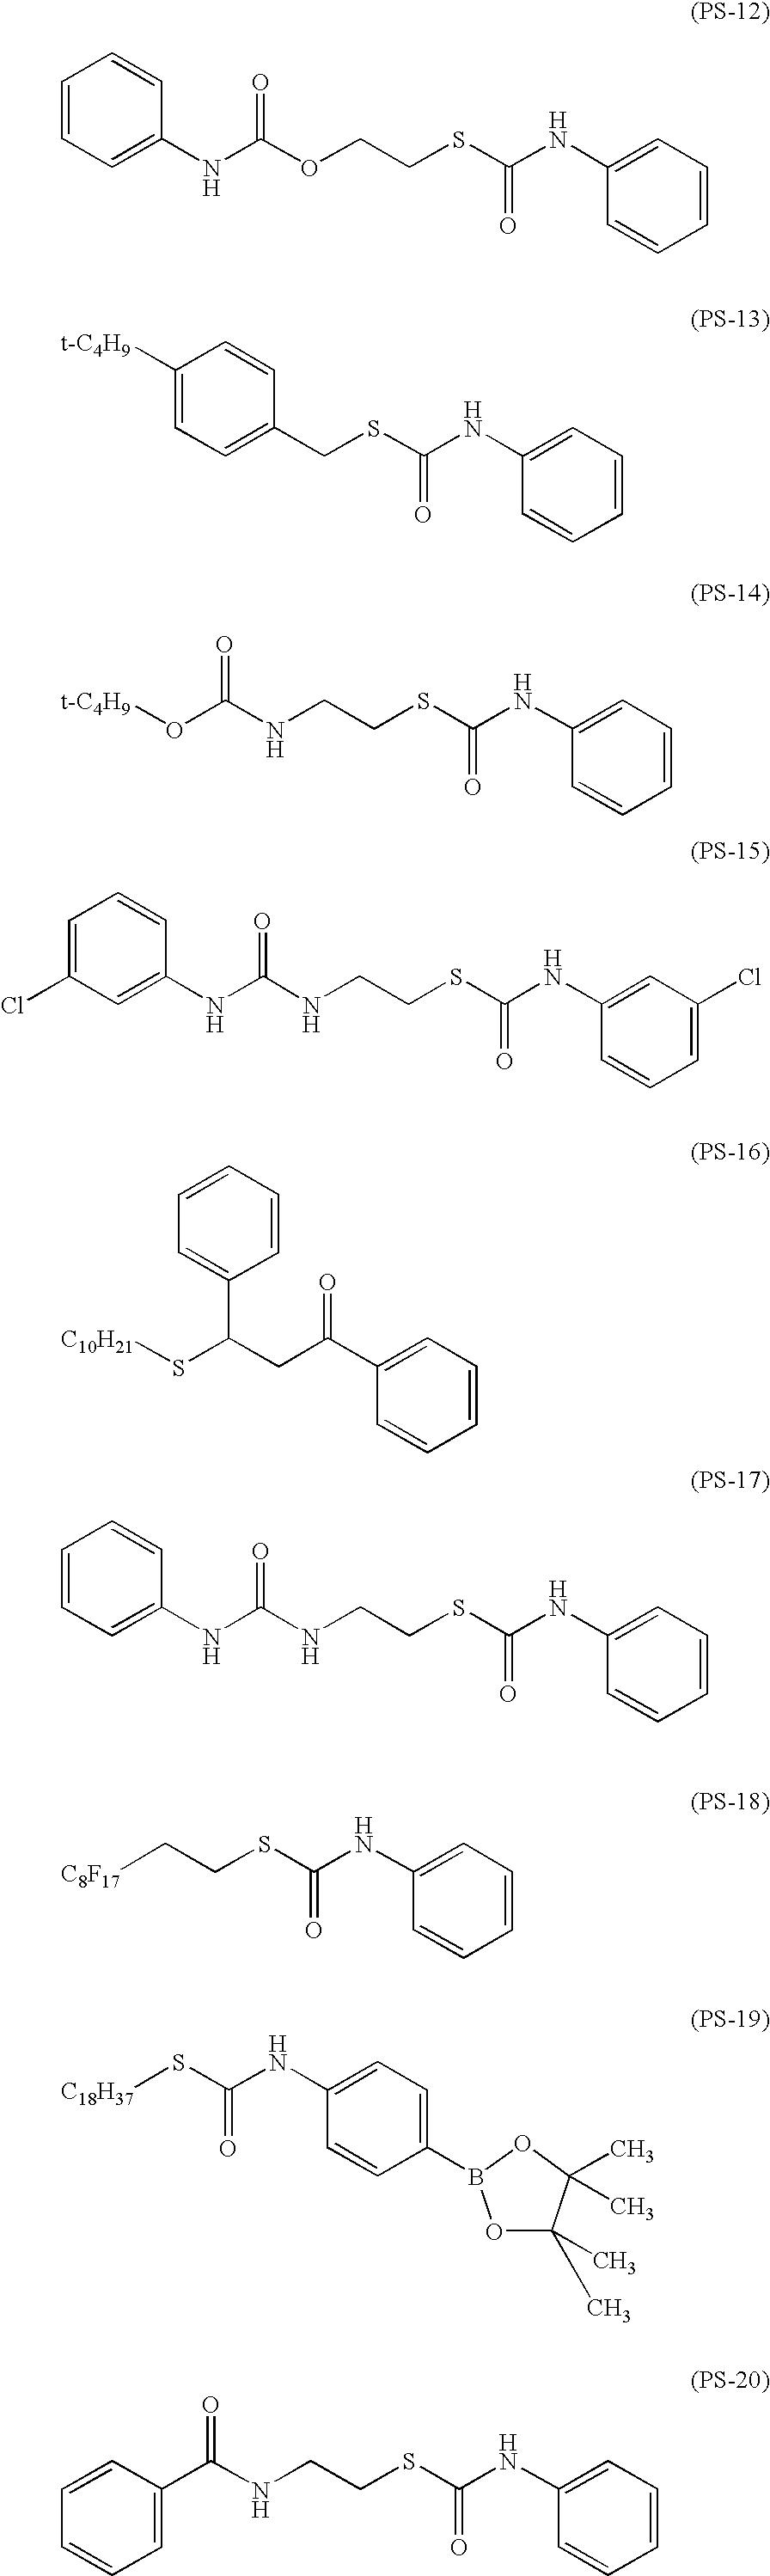 Figure US07169543-20070130-C00005